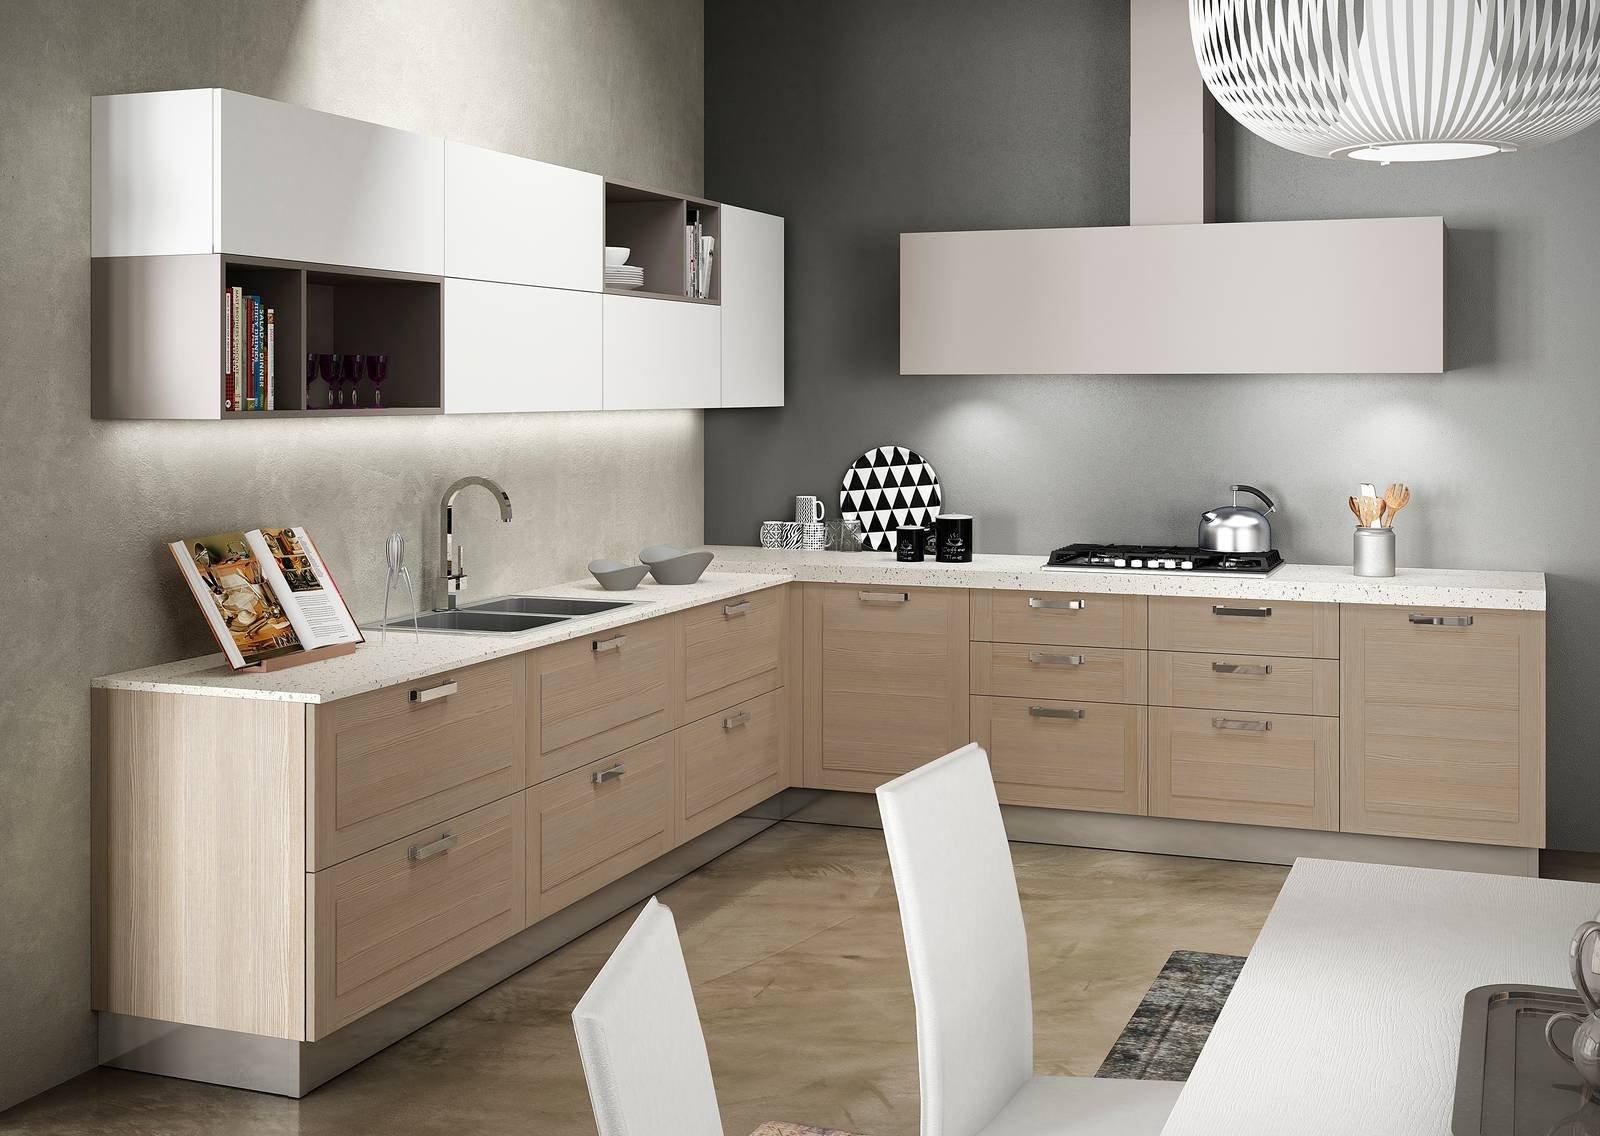 Cucina a L: 10 composizioni ad angolo - Cose di Casa